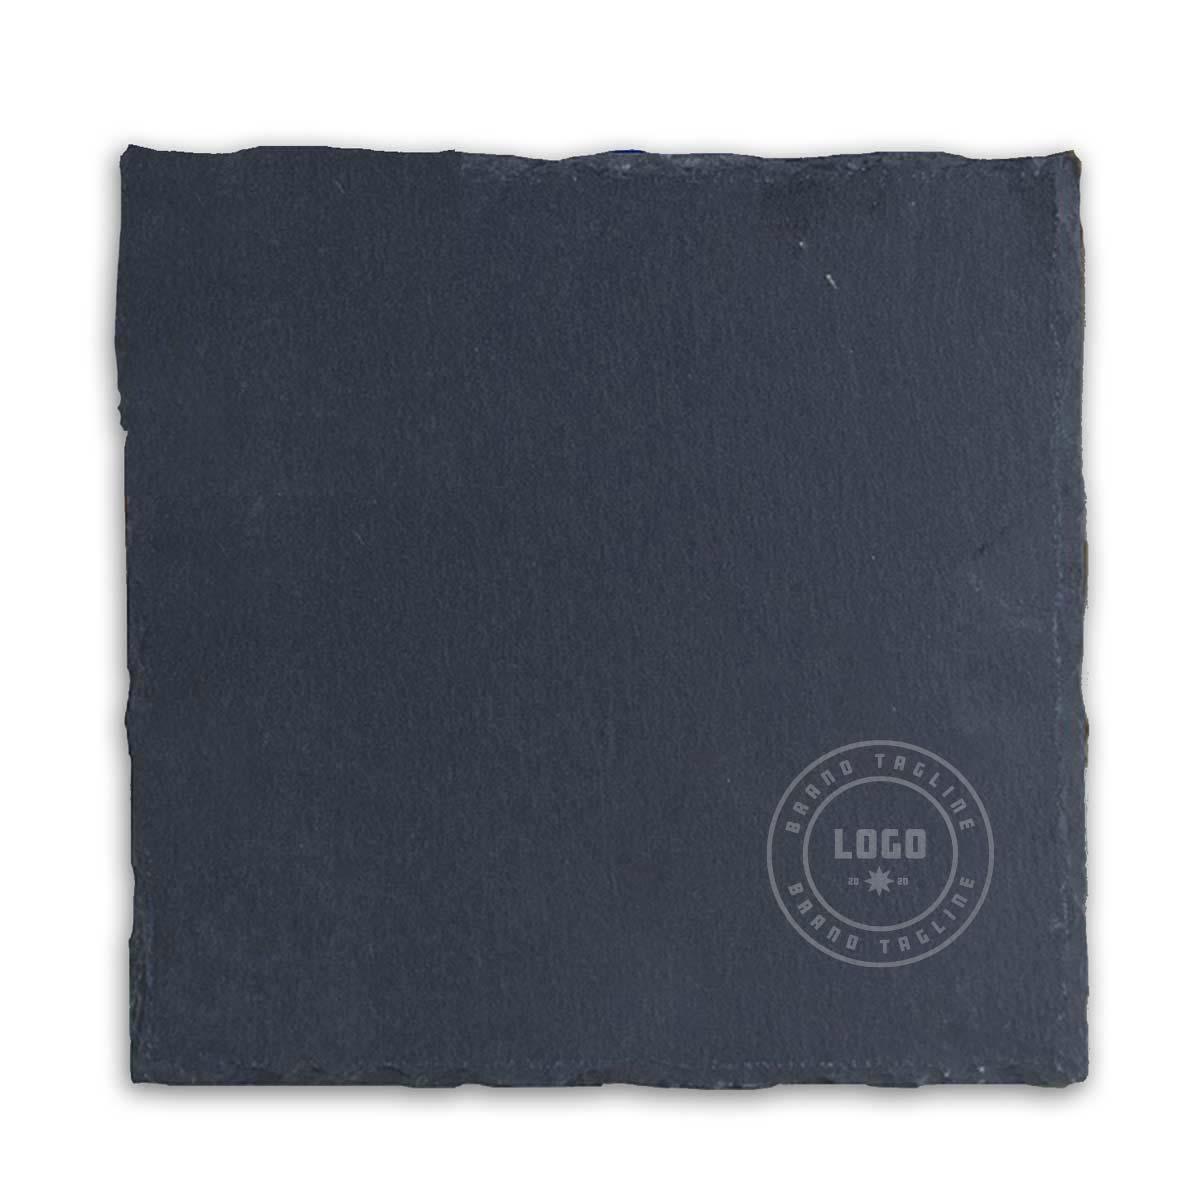 361675 heritage slate trivet one color screenprint or laser engraved 3 x 3